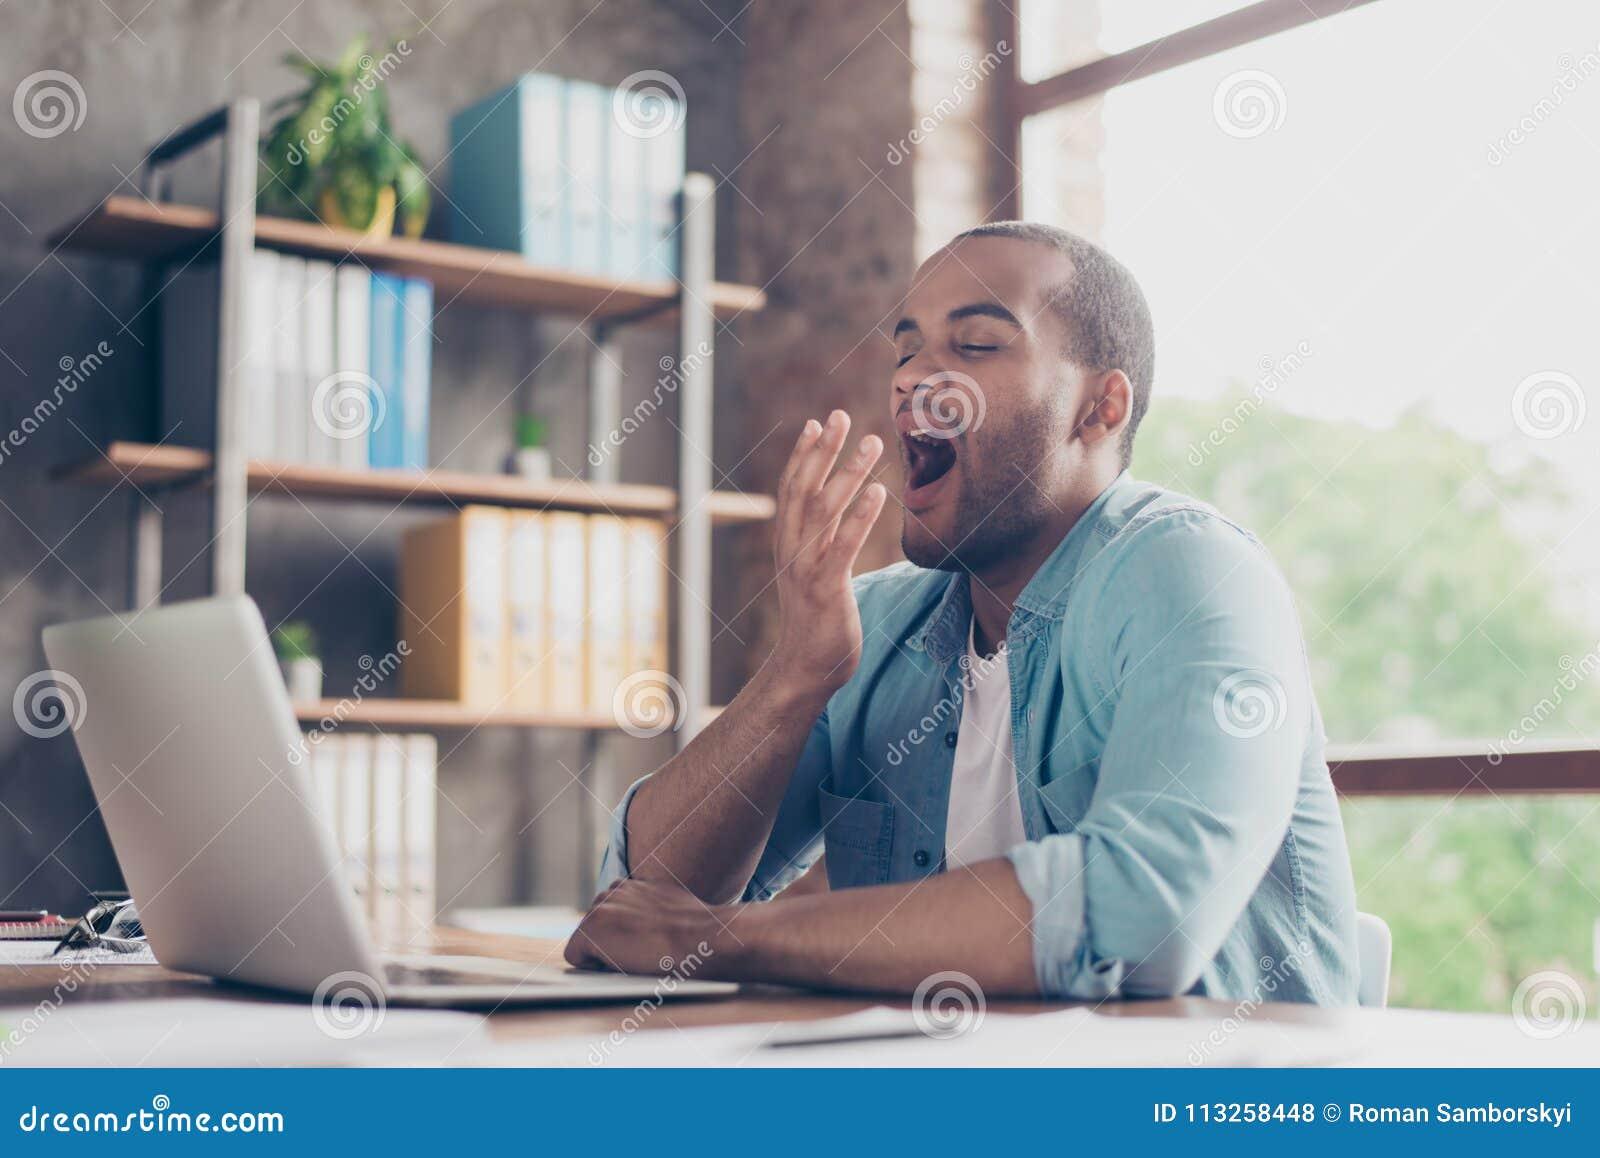 Ξημερώματα στο γραφείο Νυσταλέος που κουράζεται freelancer χασμουριέται στο χώρο εργασίας του μπροστά από την οθόνη lap-top ` s σ